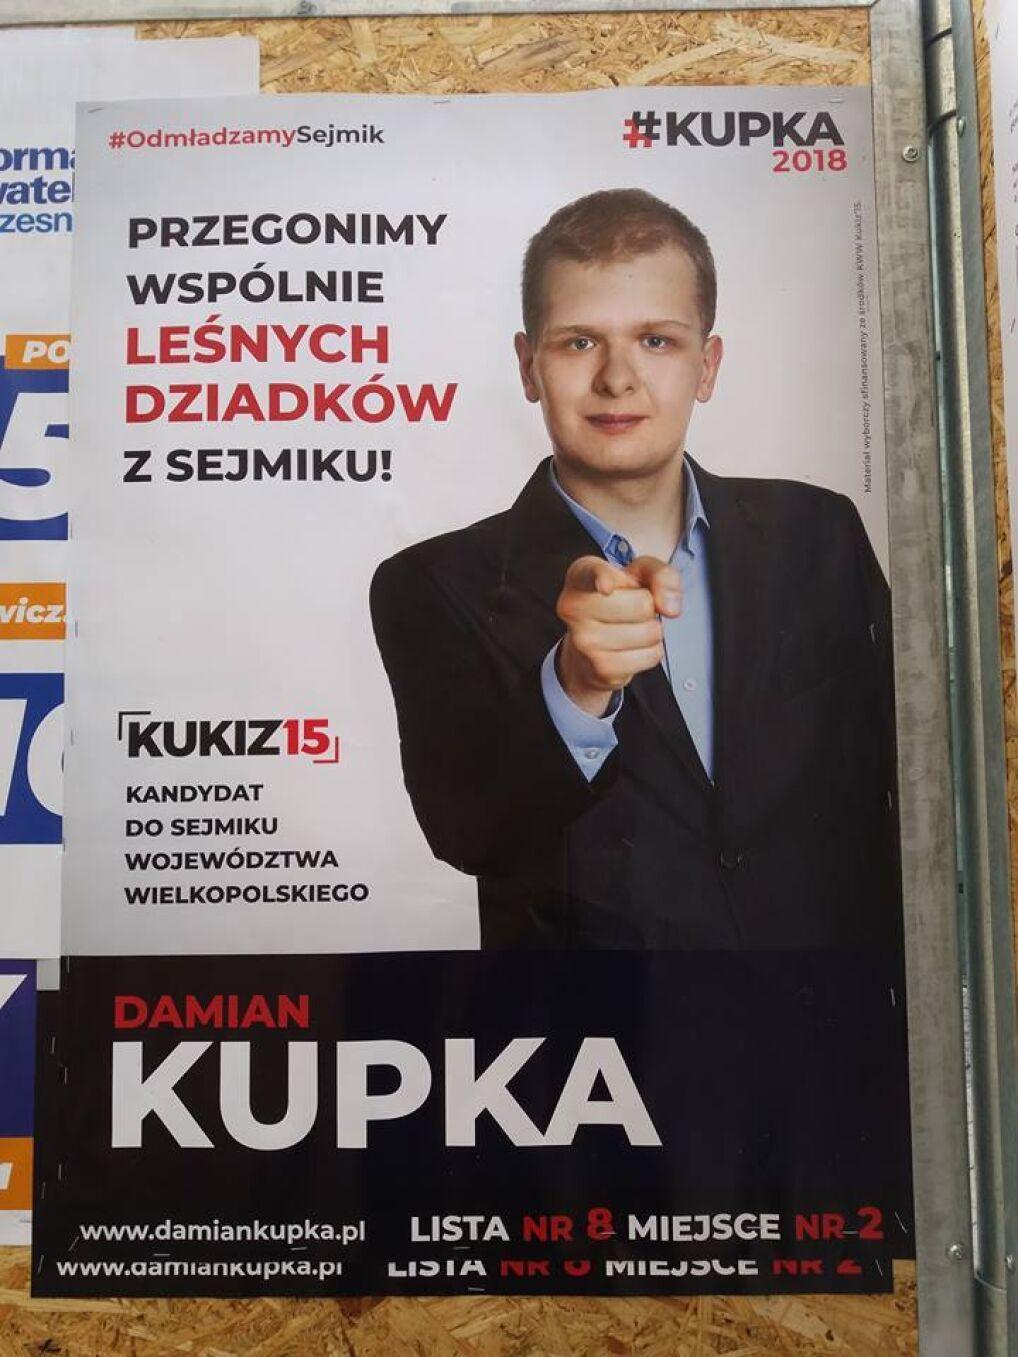 Abstrakcyjne Obietnice Kandydatów W Kampanii Wyborczej